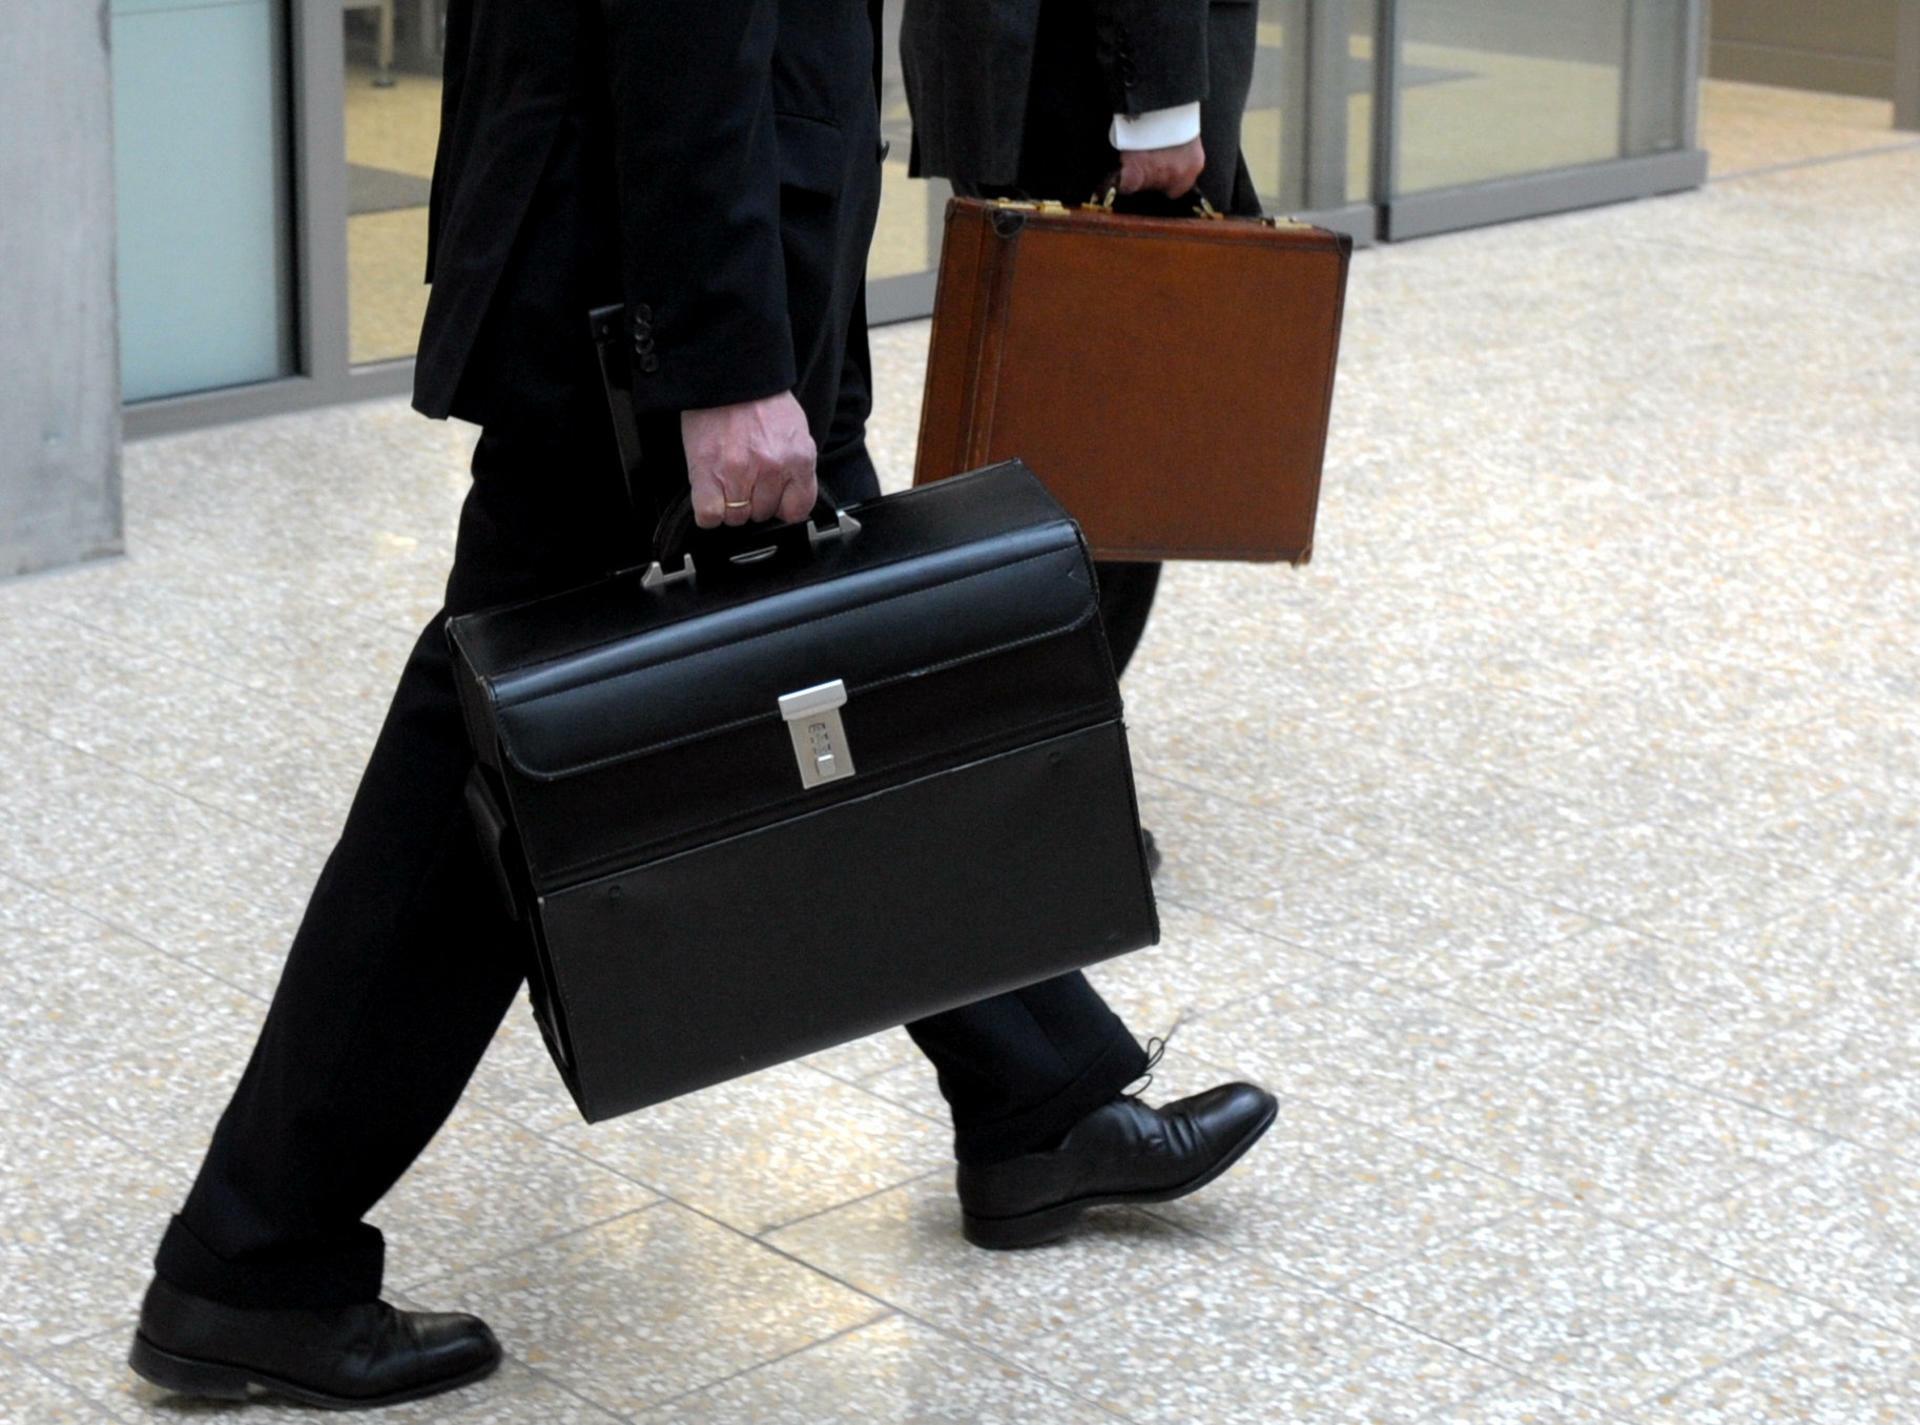 Arbeitsmittel Beruflich Nutzen Privat Absetzen